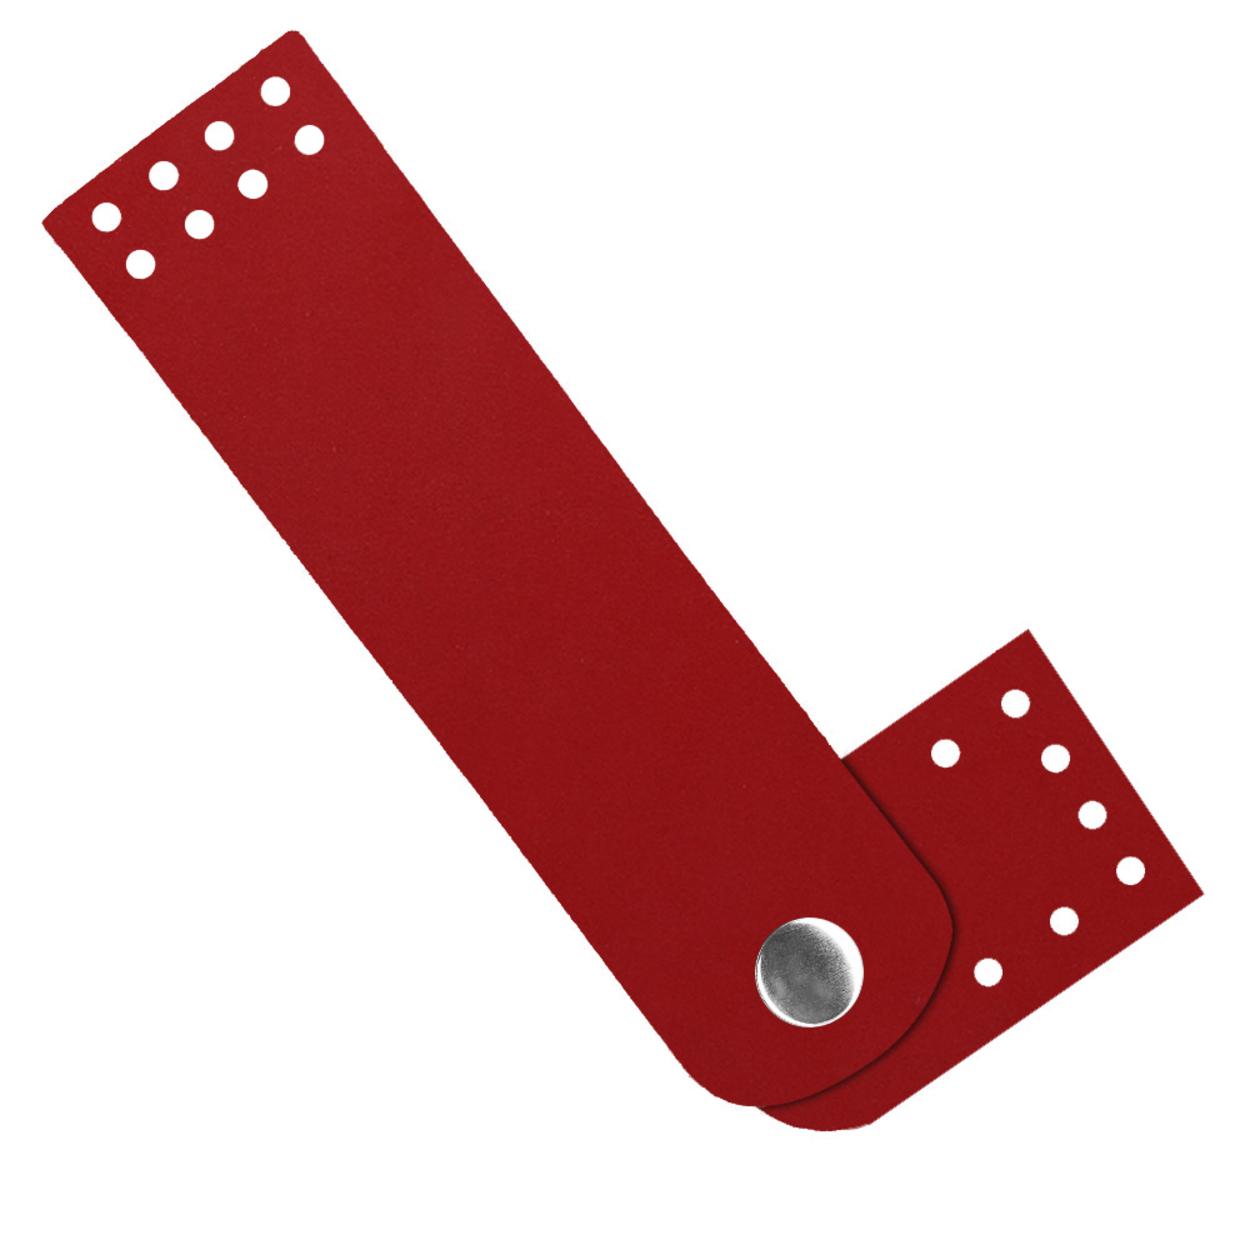 Кожа - Застежка для сумки Red hot